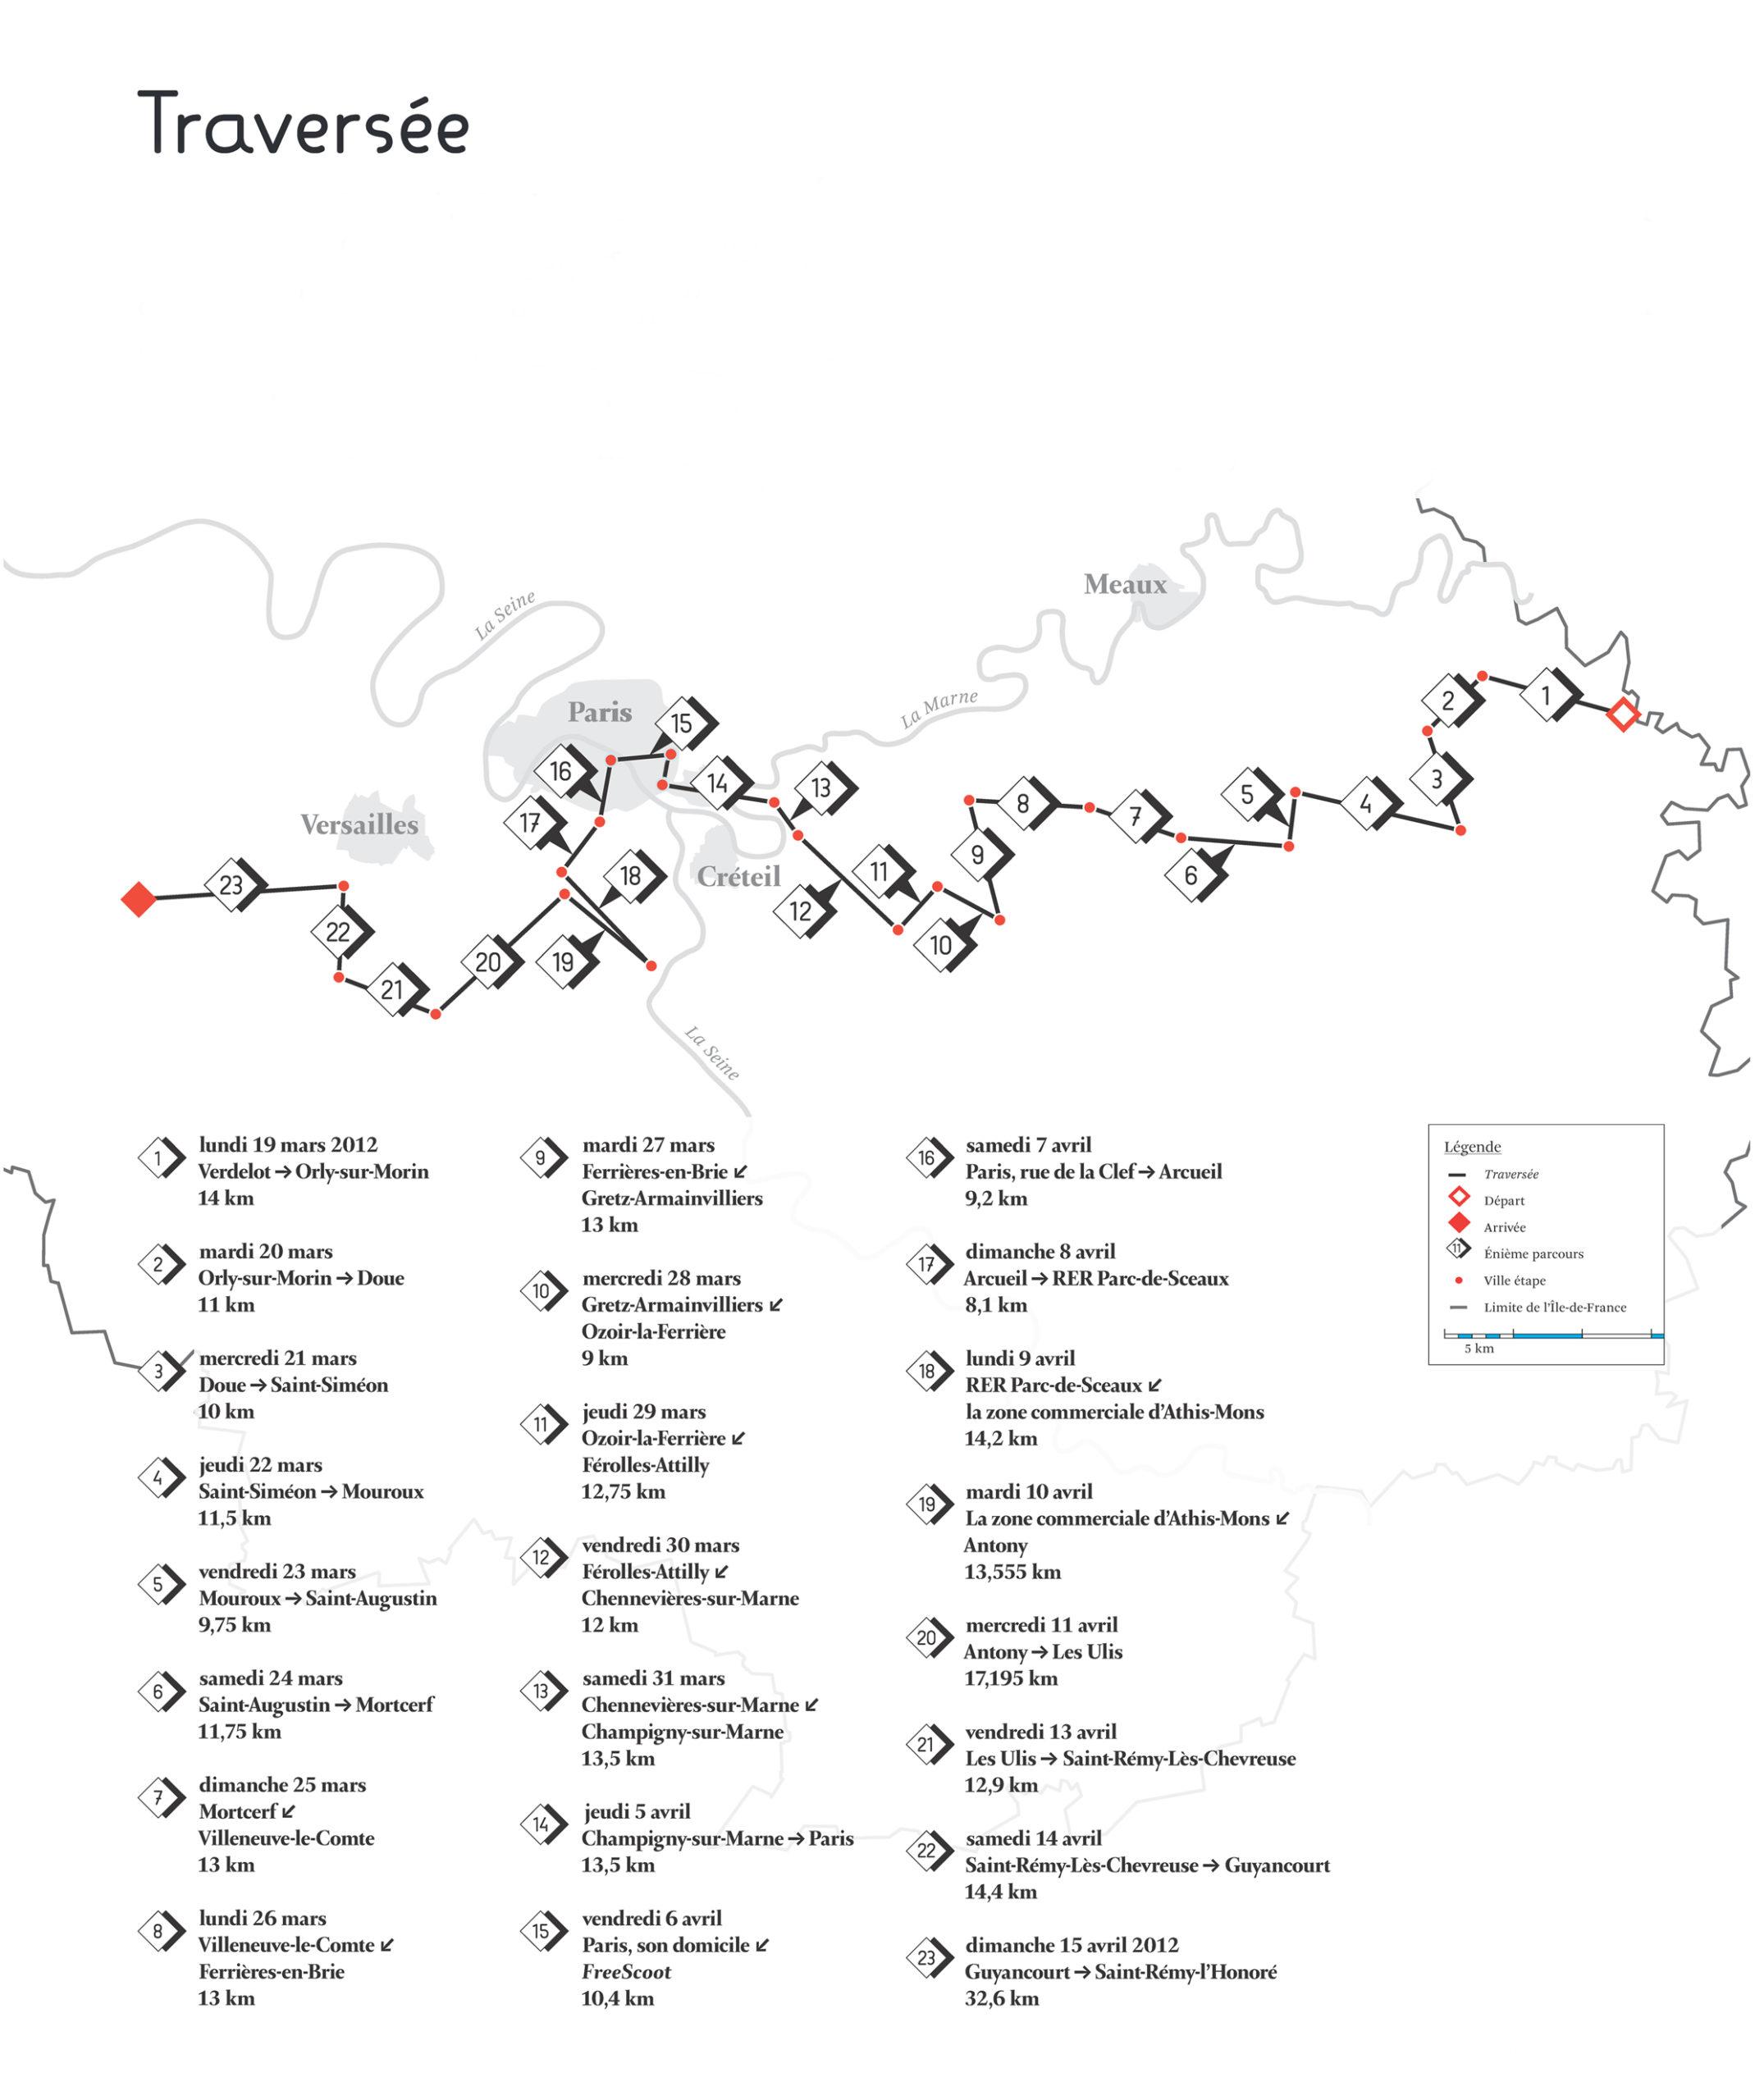 marcher/créer, déambuler, parcourir, photographier le paysage, photographier le territoire, paysage urbain, paysage périurbain, paysage de campagne, paysage architecturale, territoire de la région île-de-France, regard sur le Grand Paris,